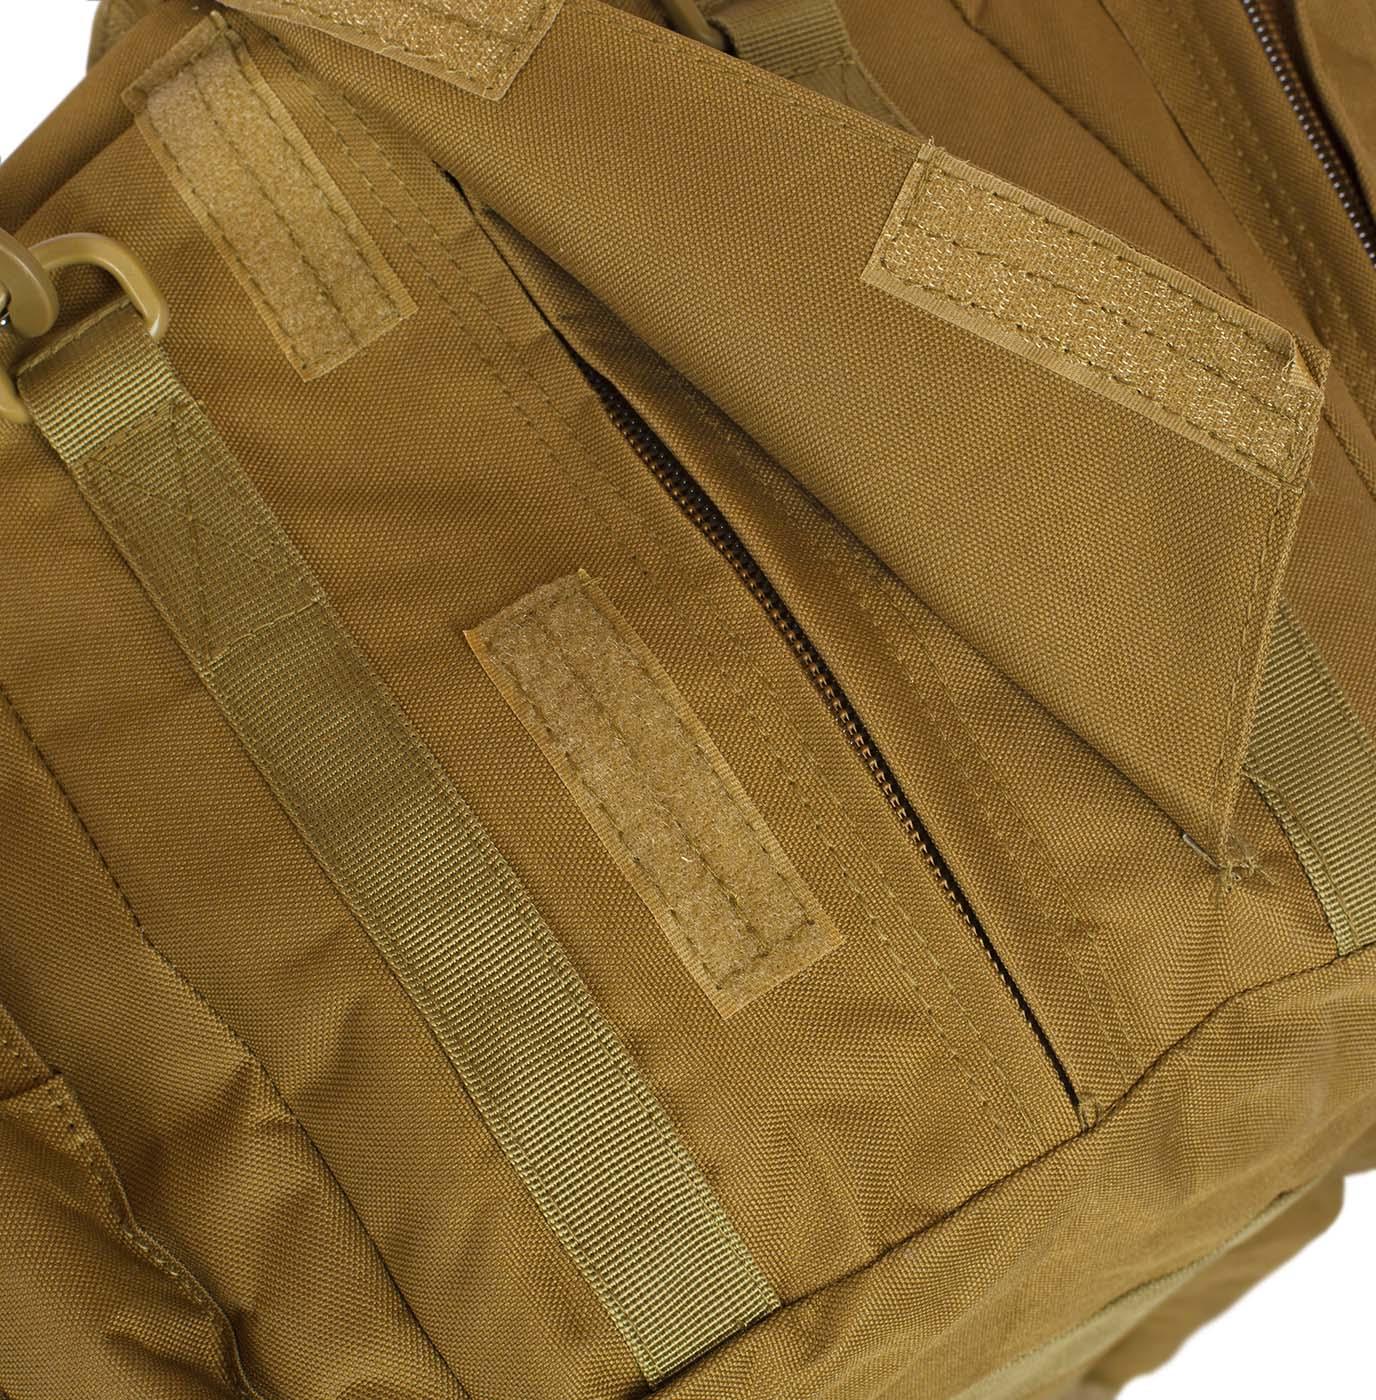 Мужская походная сумка с нашивкой Русская Охота - заказать онлайн